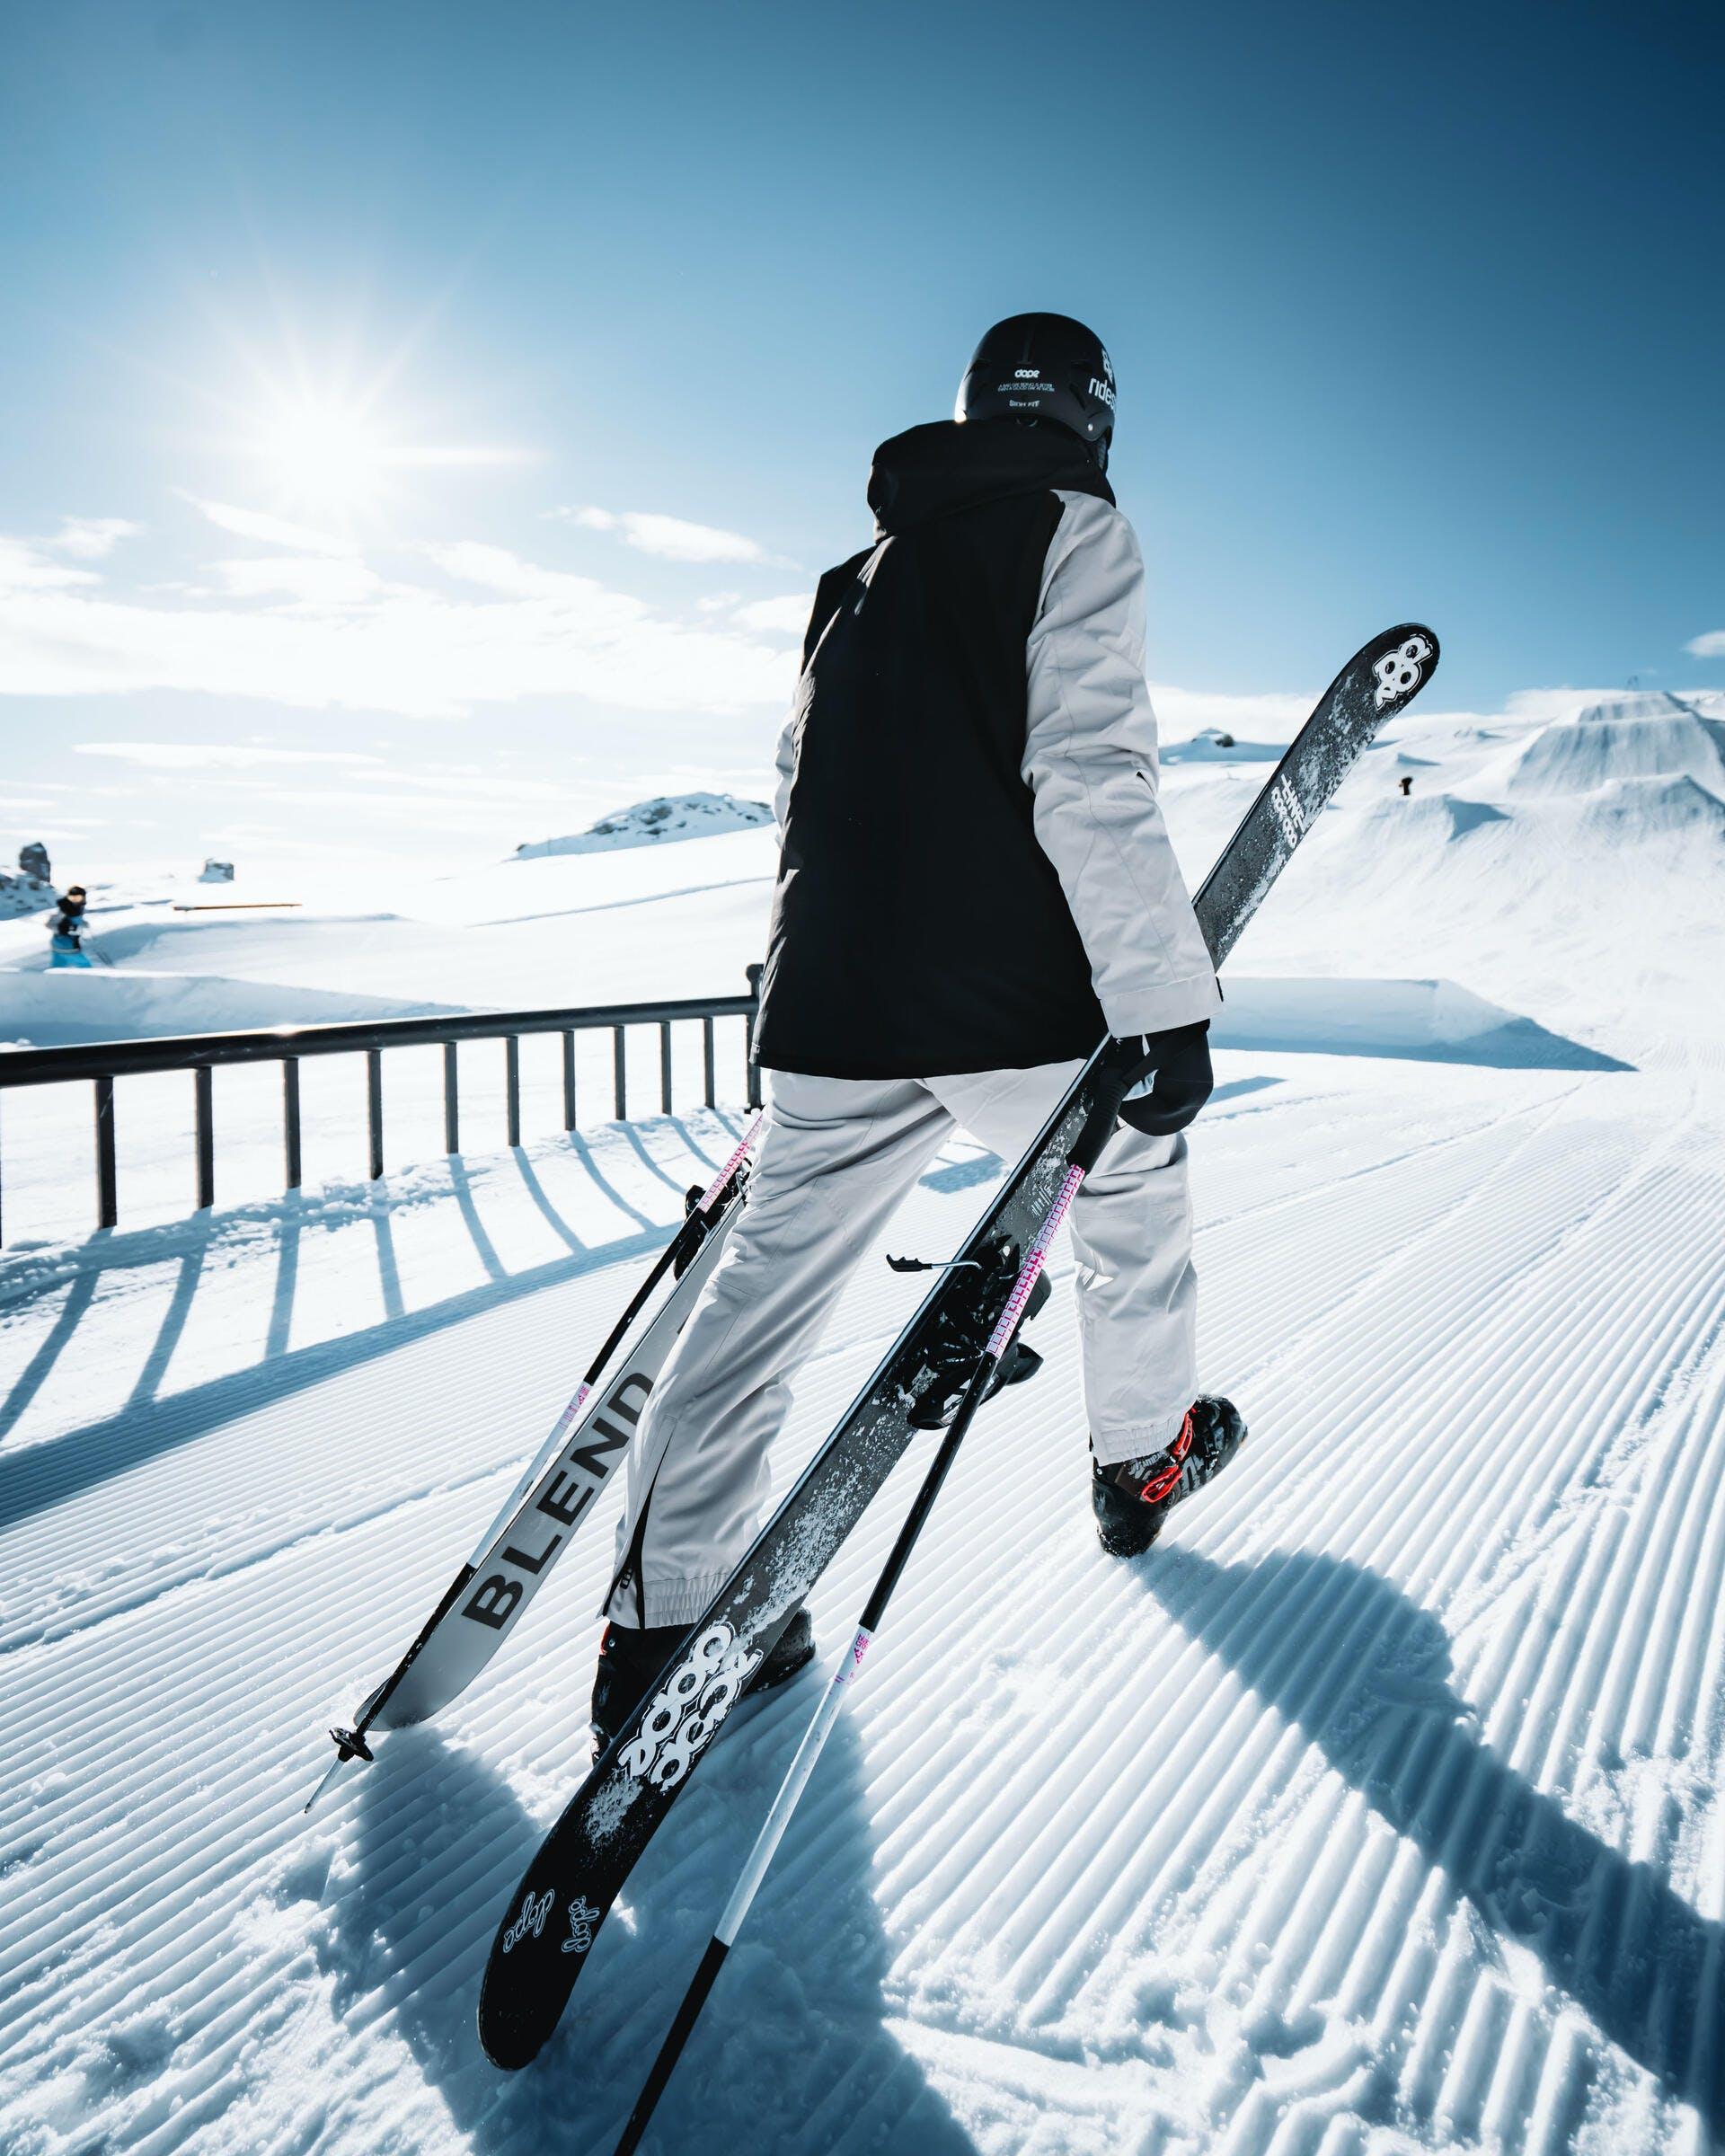 cosa serve per andare a sciare